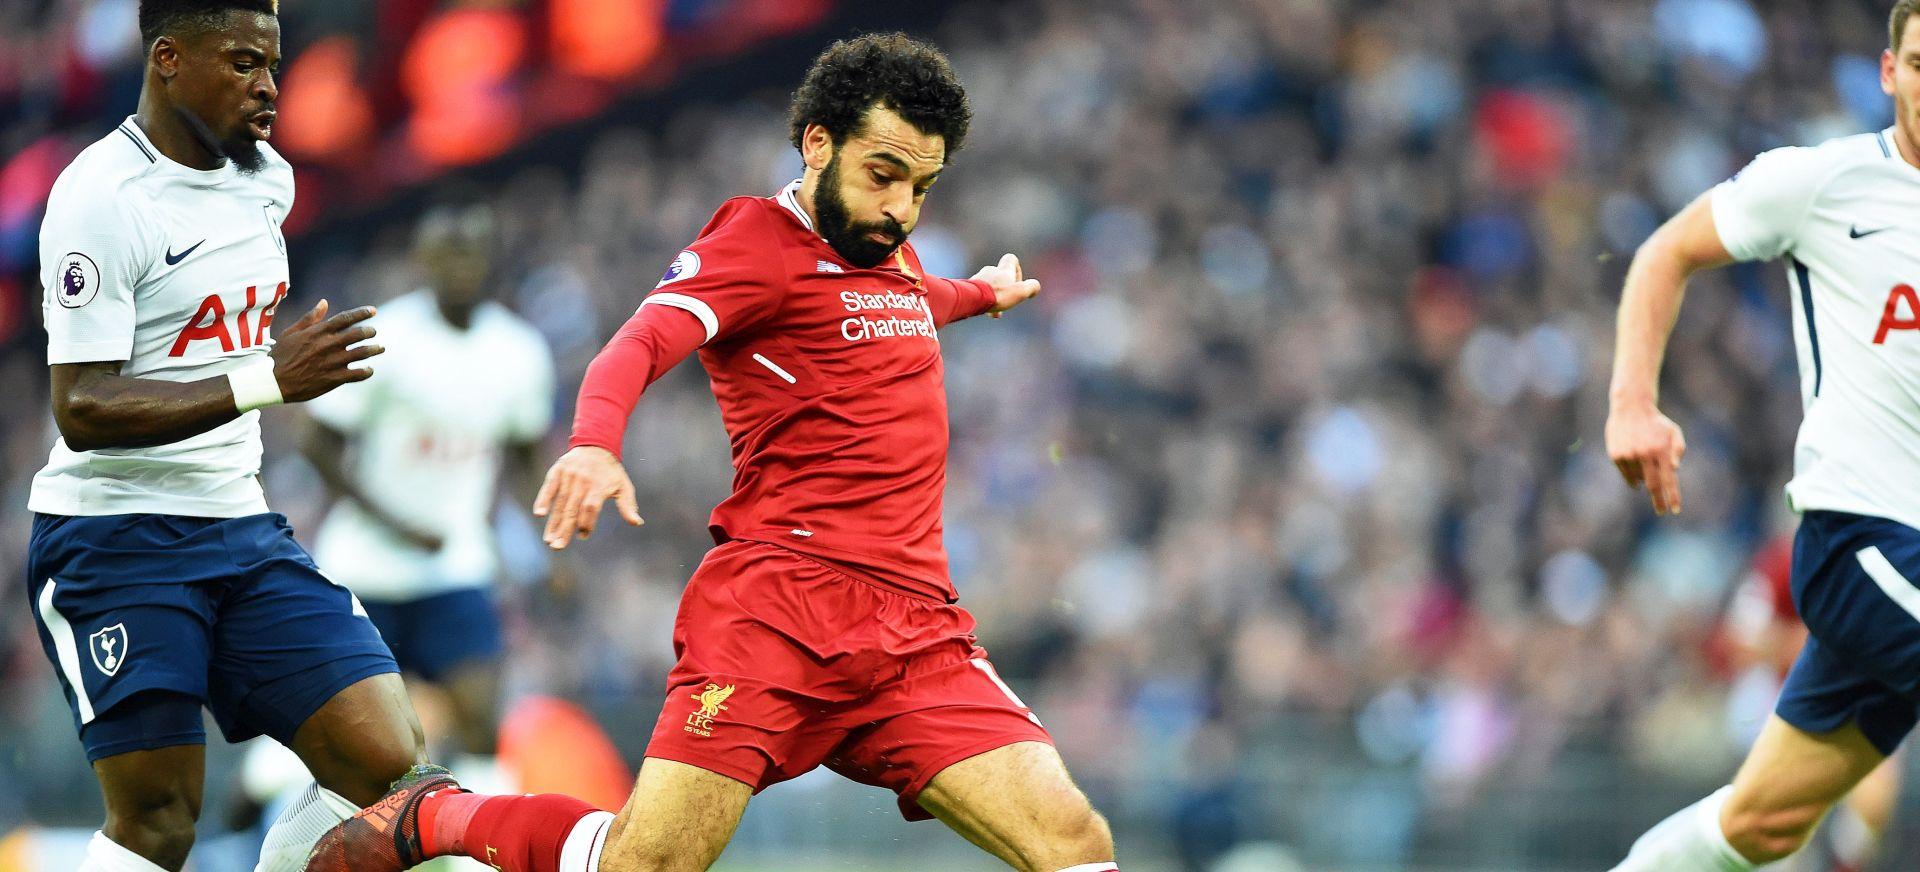 Dan remija, Salah se izjednačio sa Shearerom, Ronaldom i Suarezom